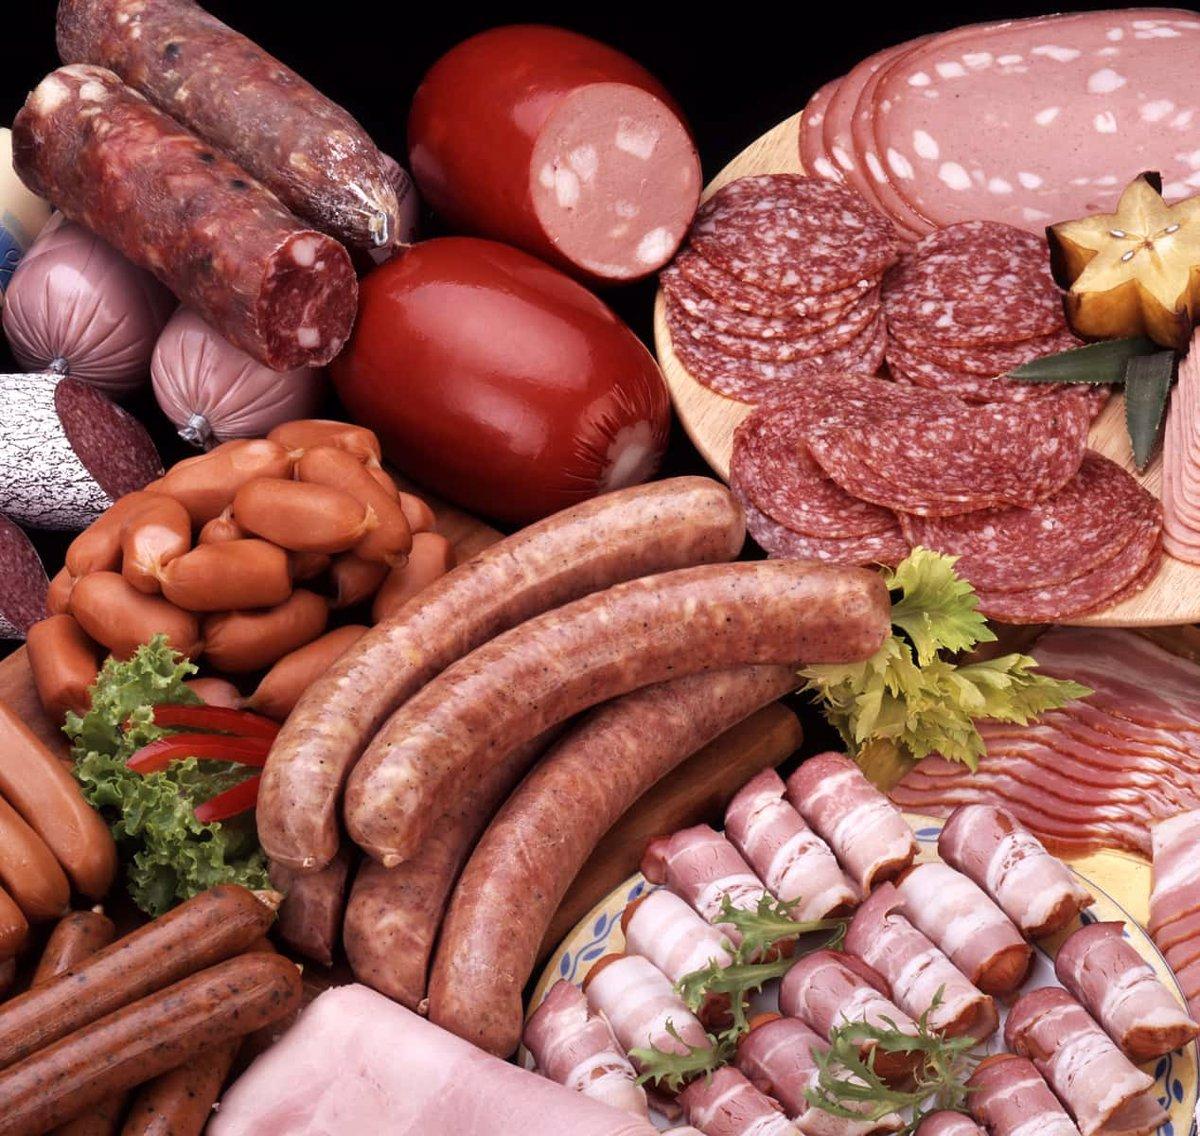 خوردن گوشت فرآوری شده